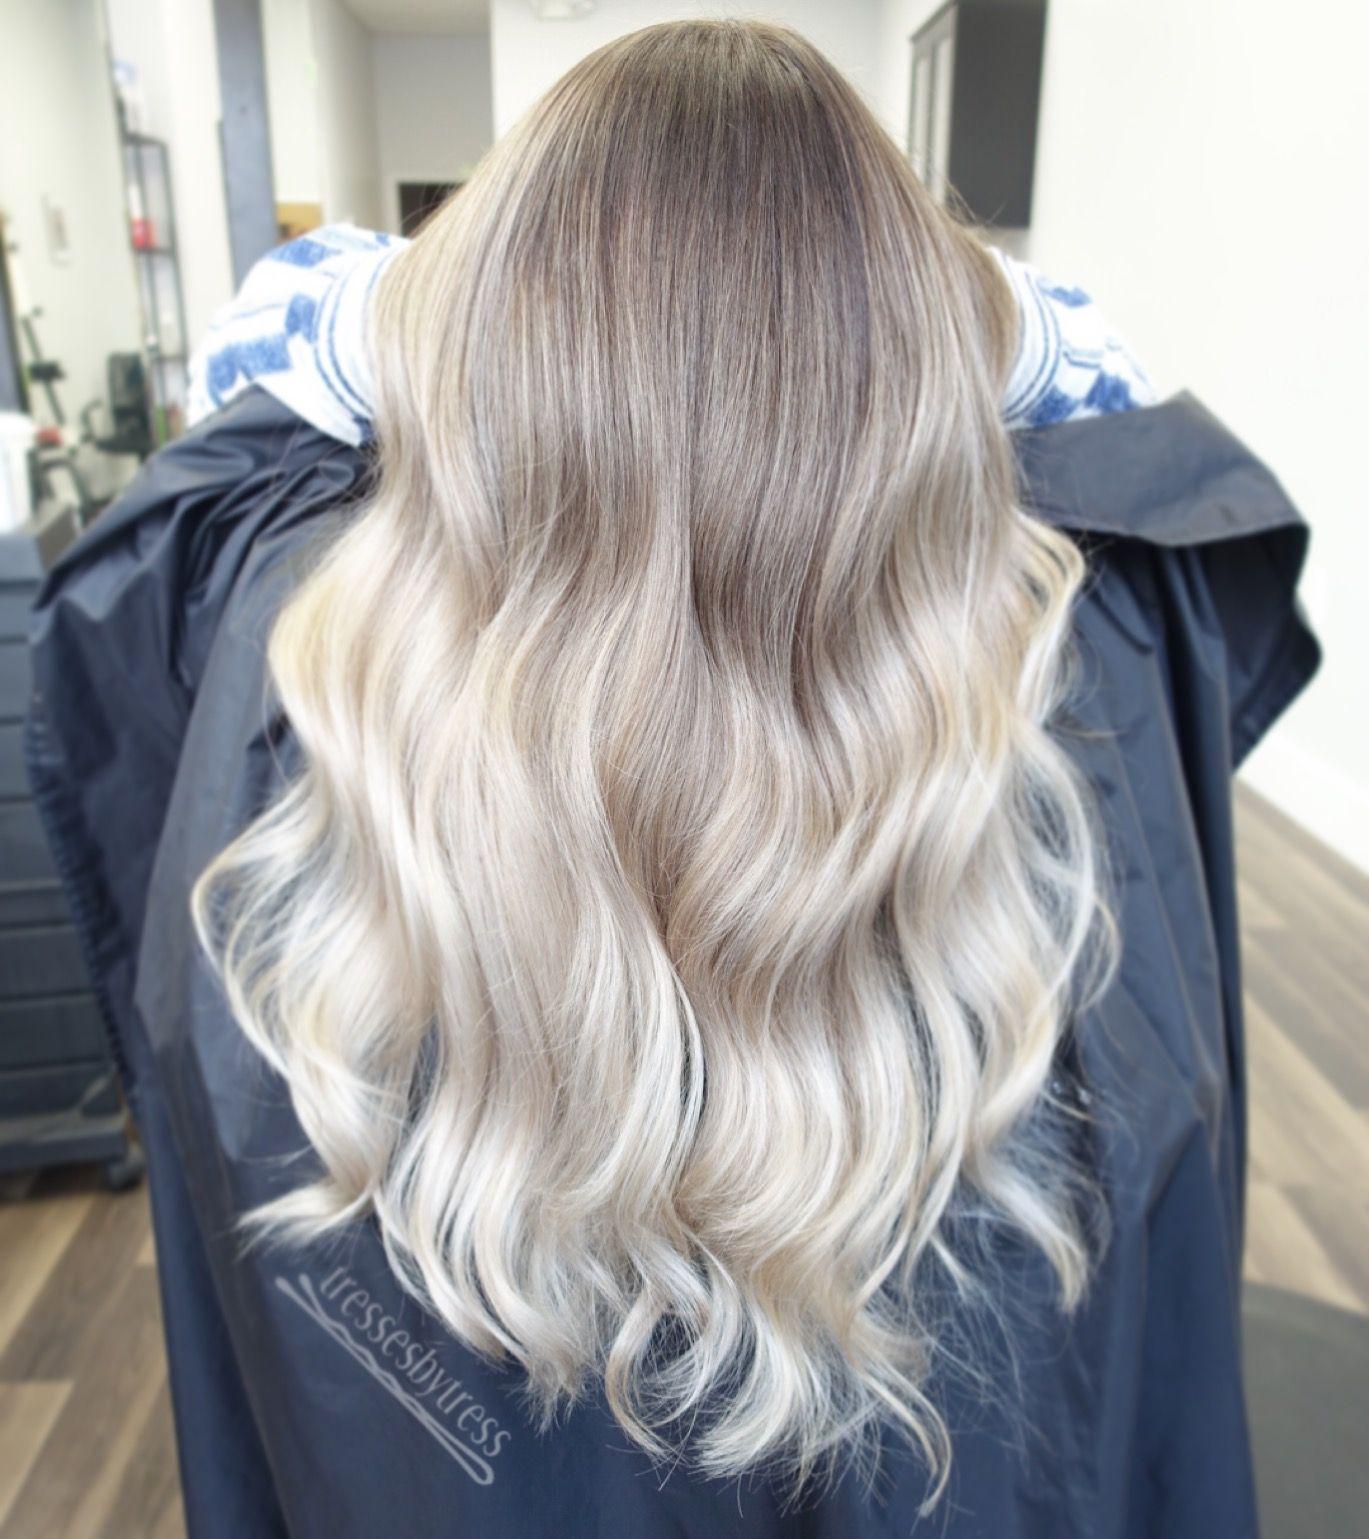 Ash blonde blonde ombr hair pinterest hair ombre hair s ombre hair color - Ombre hair blond selber machen ...